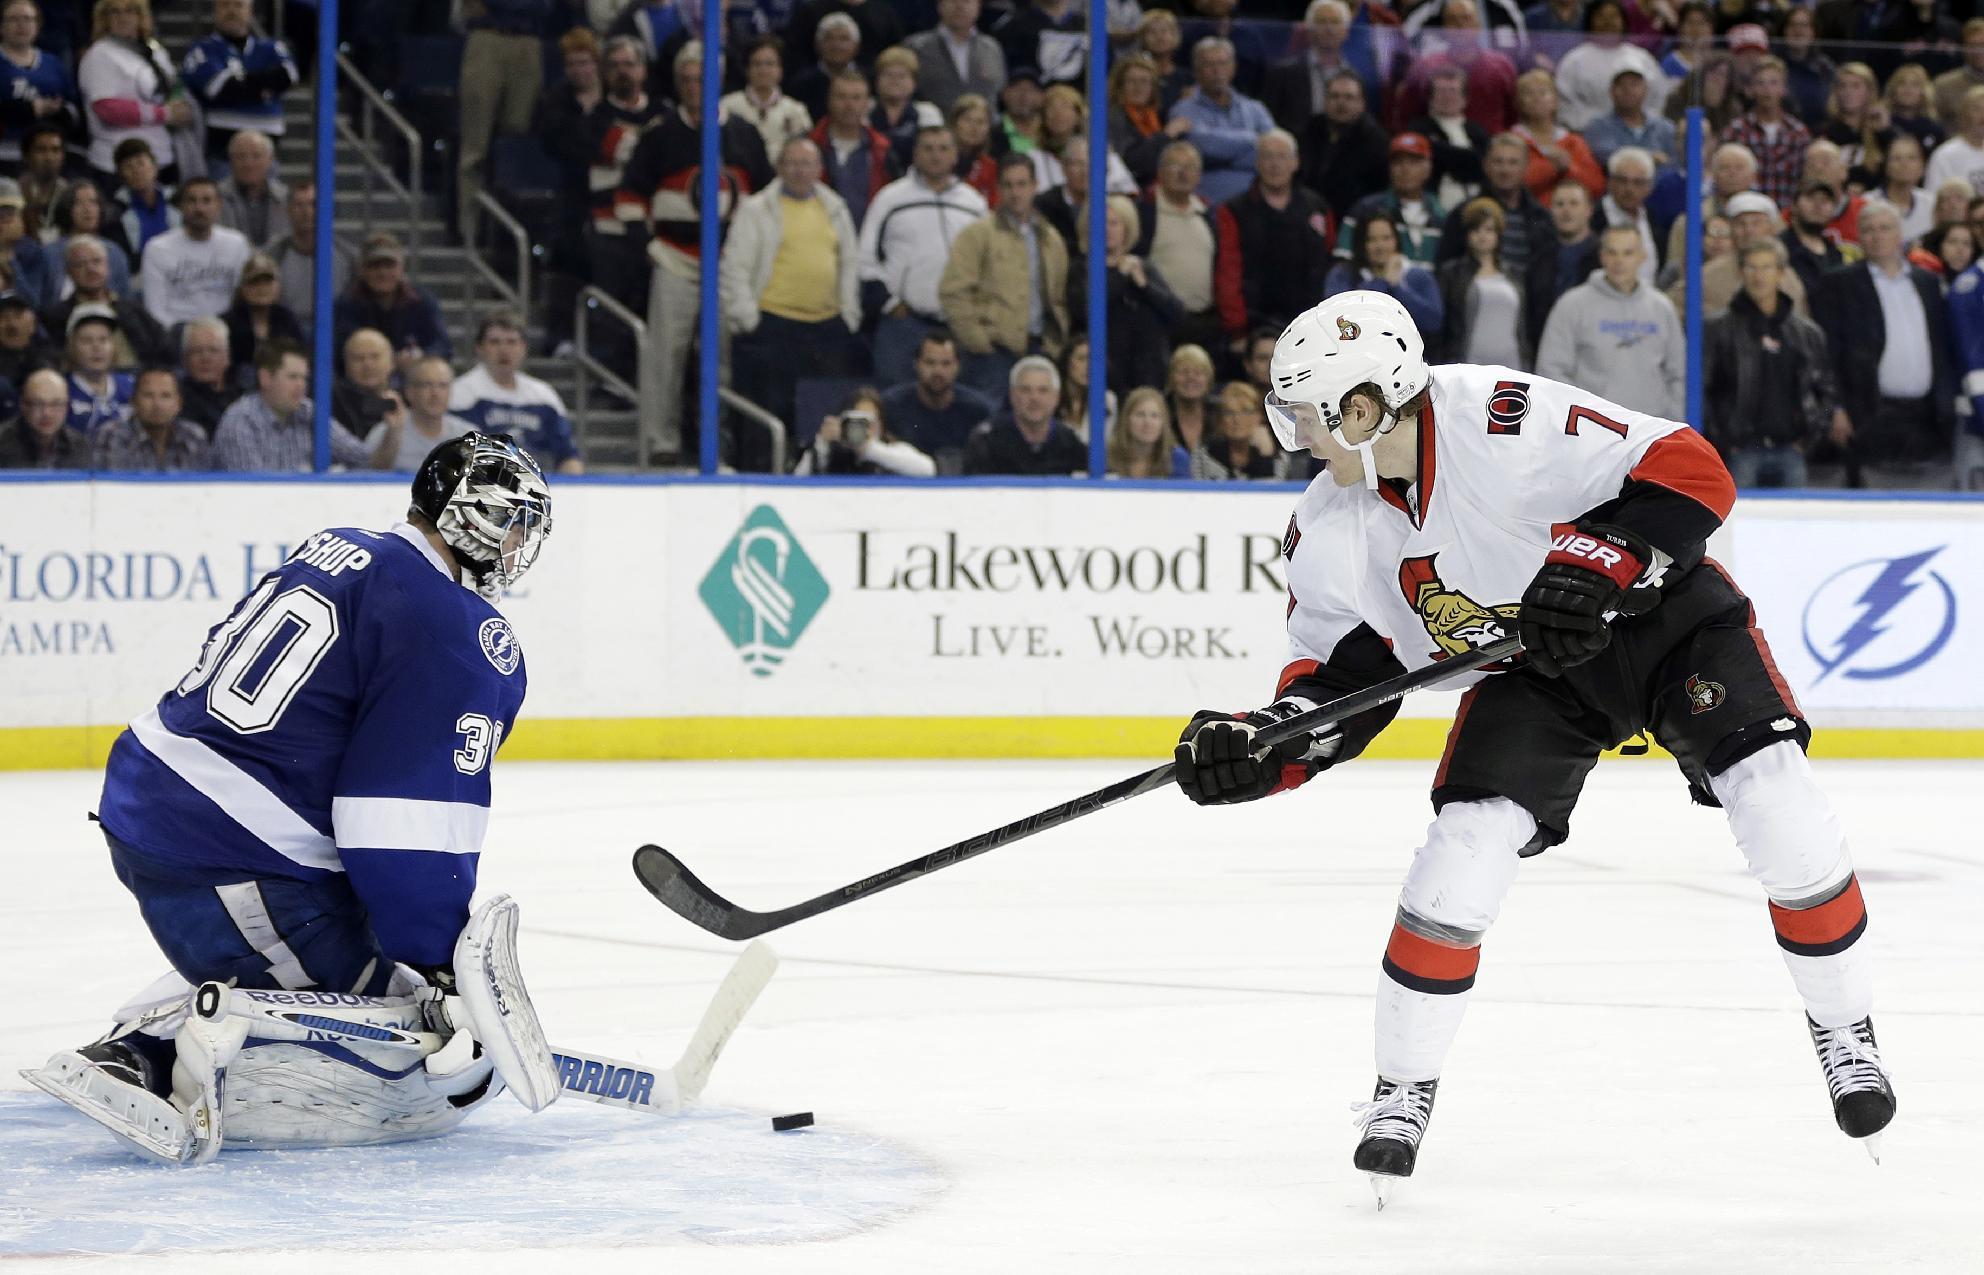 Tampa Bay Lightning goalie Ben Bishop (30) stops Ottawa Senators center Kyle Turris (7) during a shootout in an NHL hockey game Thursday, Jan. 23, 2014, in Tampa, Fla. The Lightning won the game 4-3